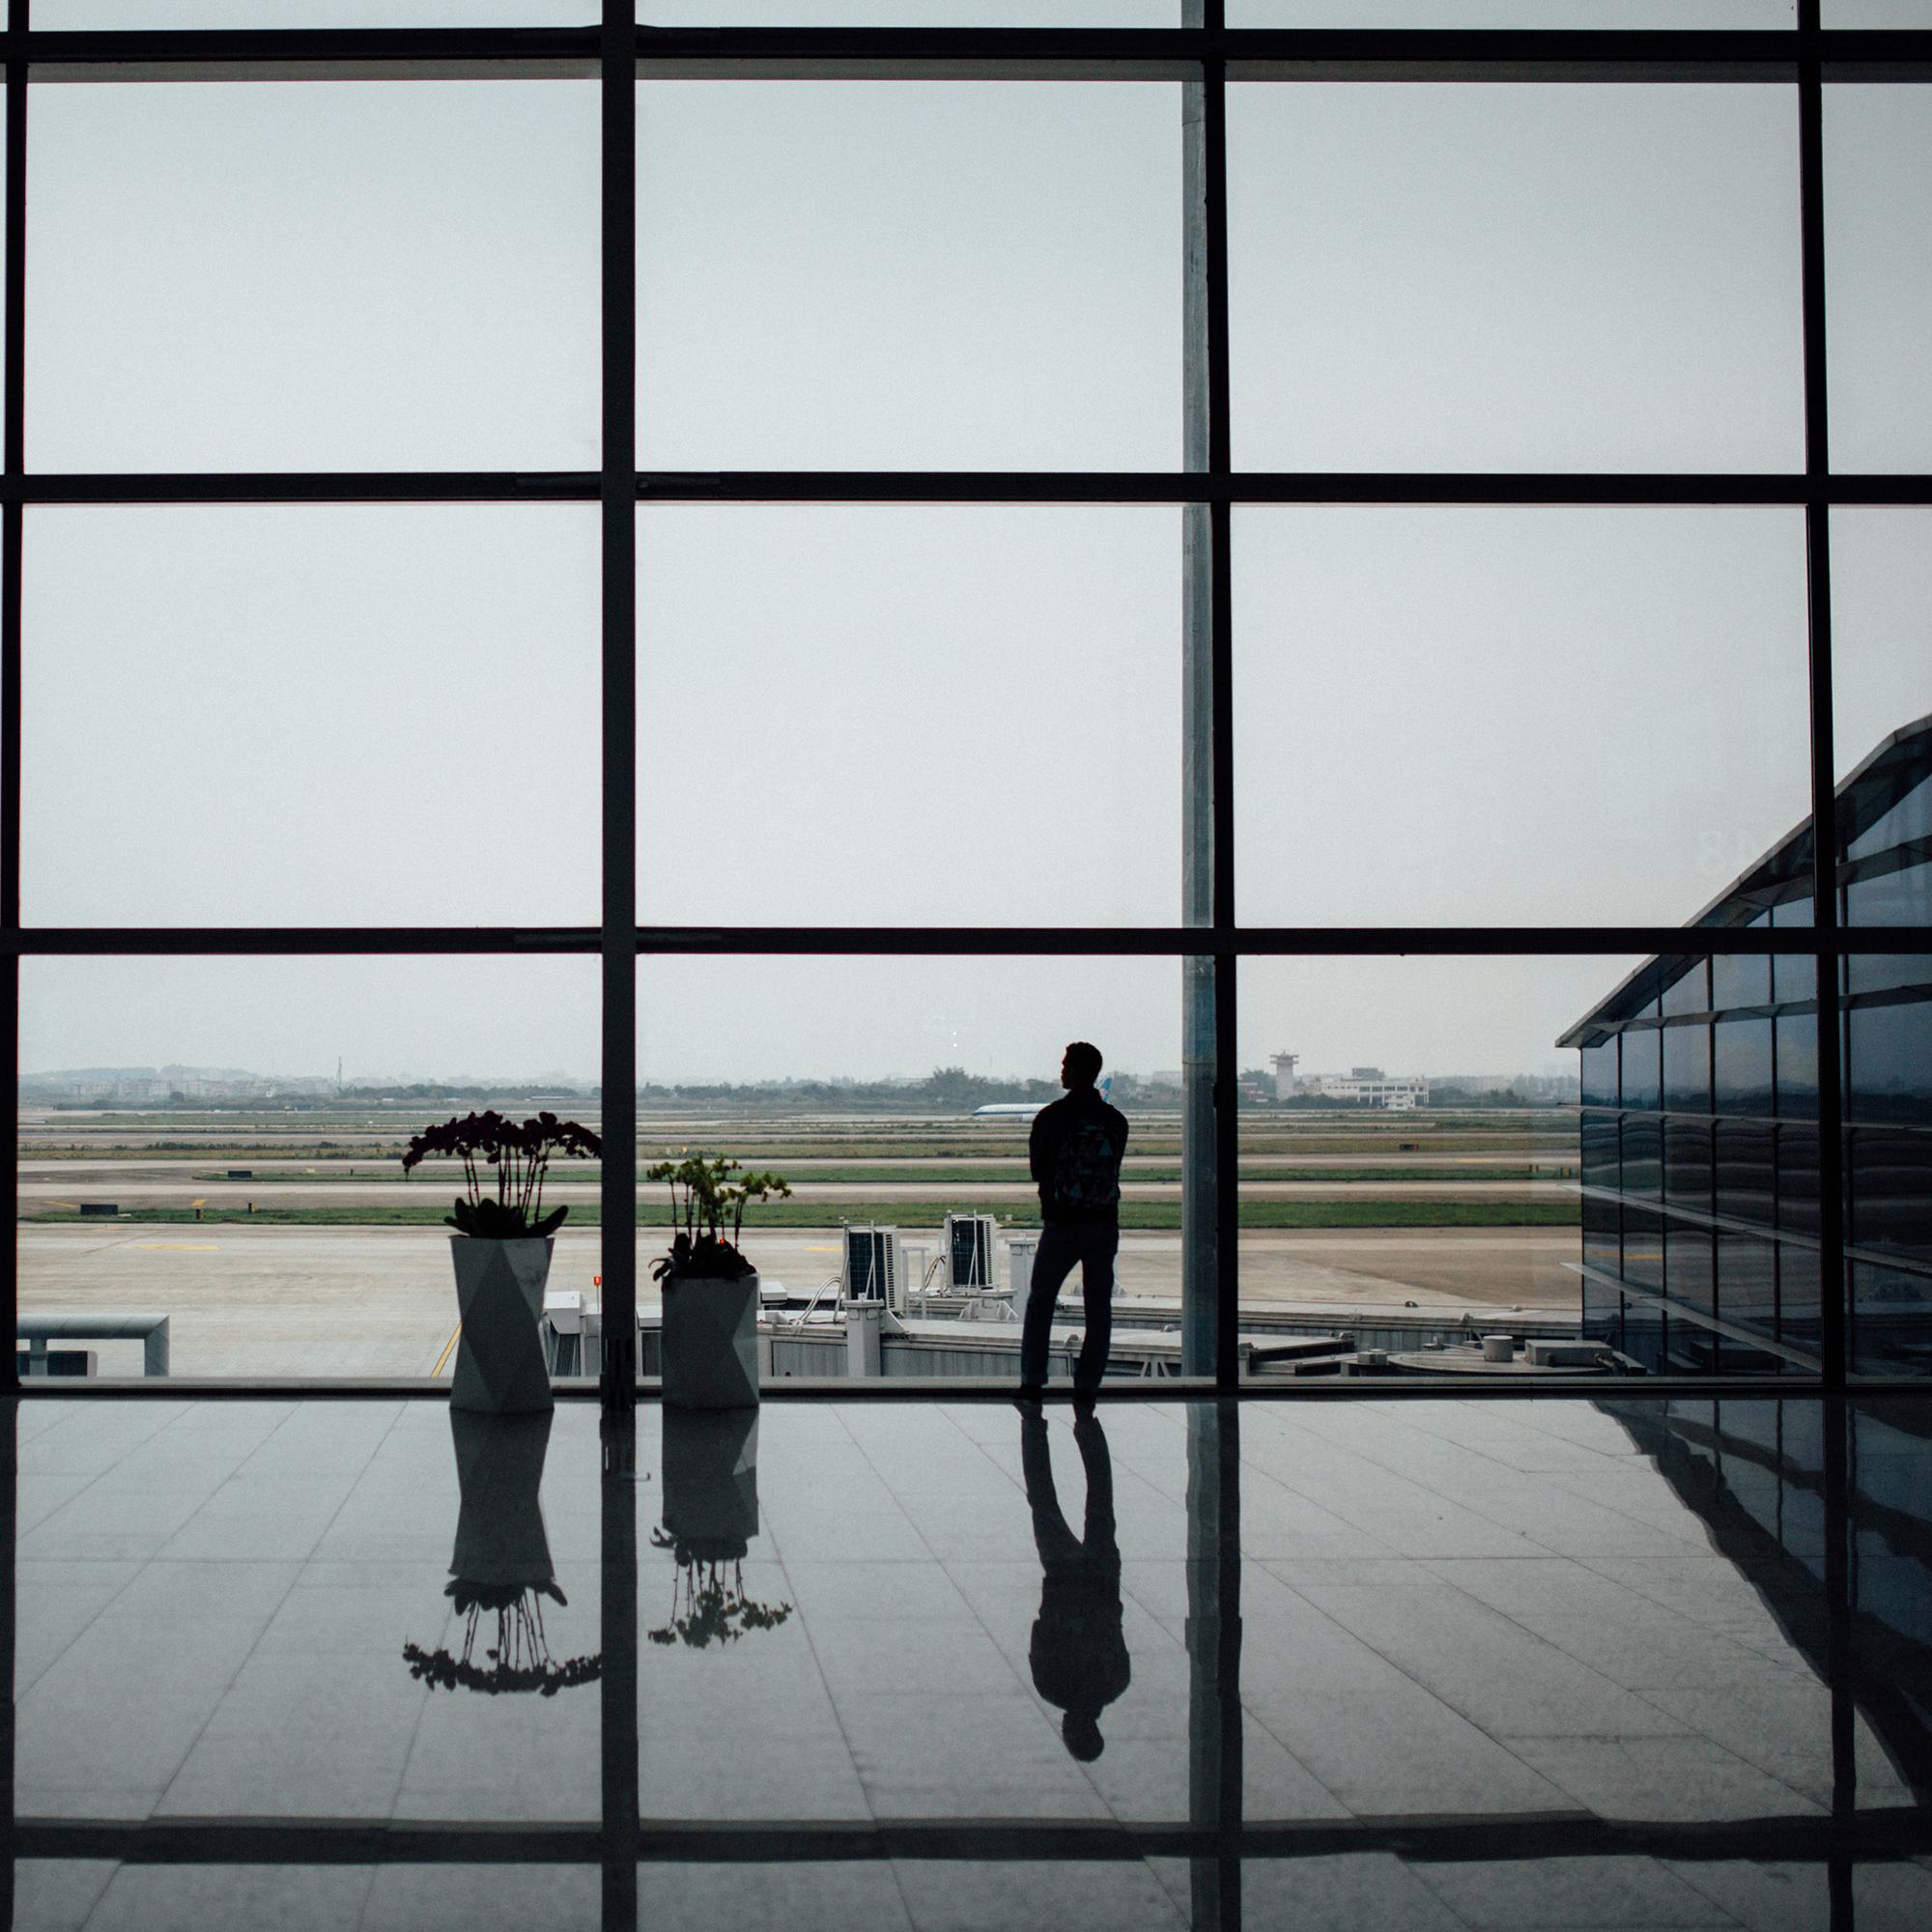 Foto von Hanson lu am Unsplash Das Beste zum Schluss: Foto eines Menschens, der am Flughafen einsam und allein auf etwas wartet. Er schaut durch die große Fensterscheiben auf die Landebahn.